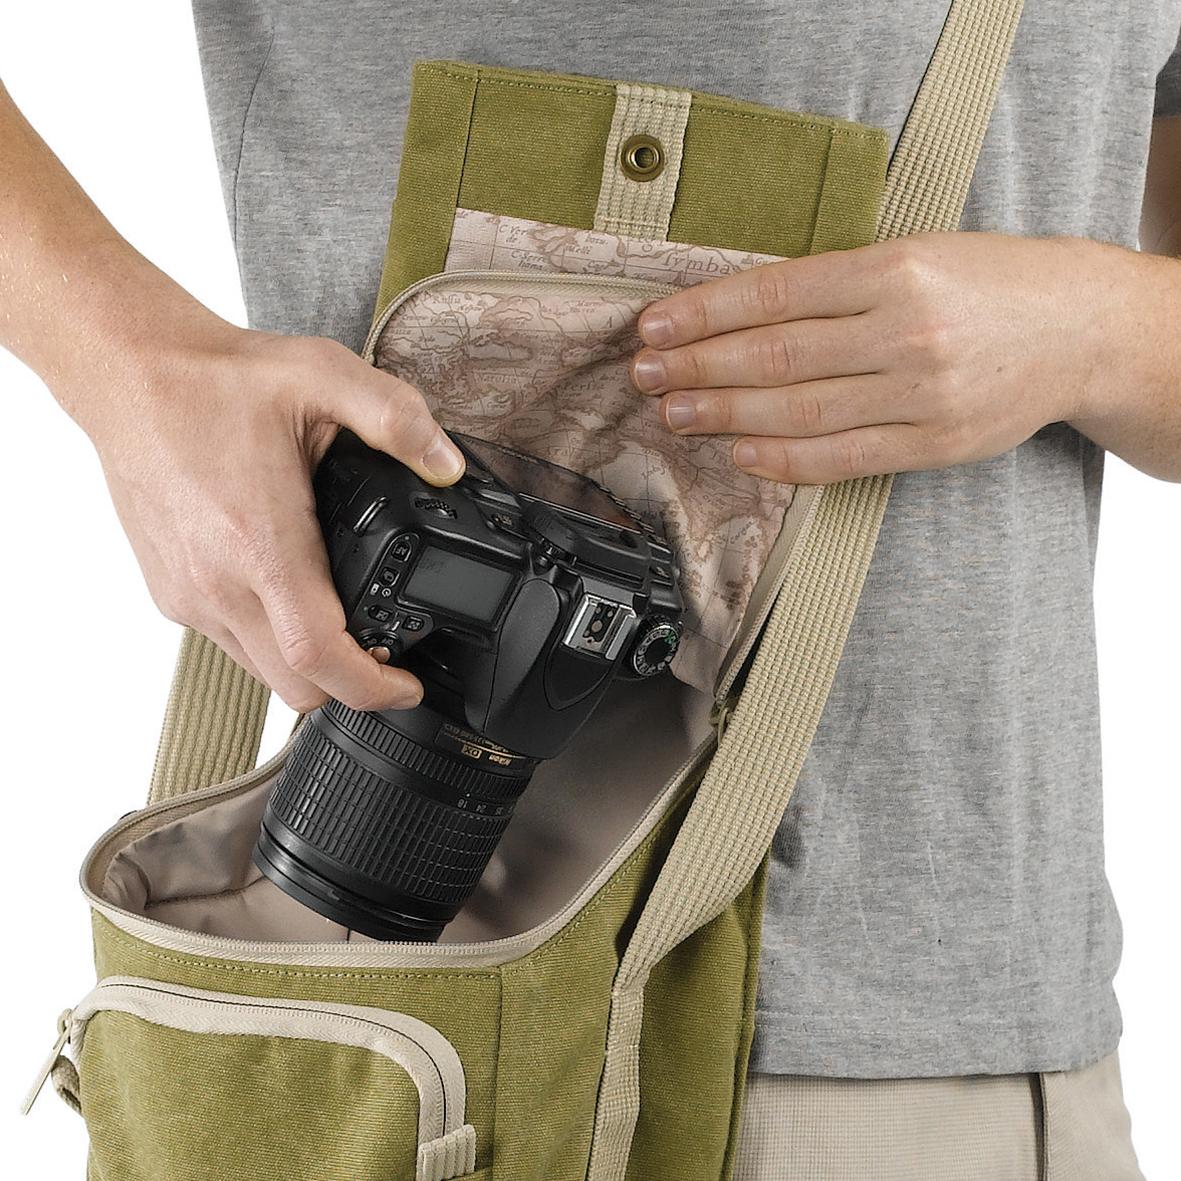 National Geographic Small Shoulder Bag Ng 2343 103